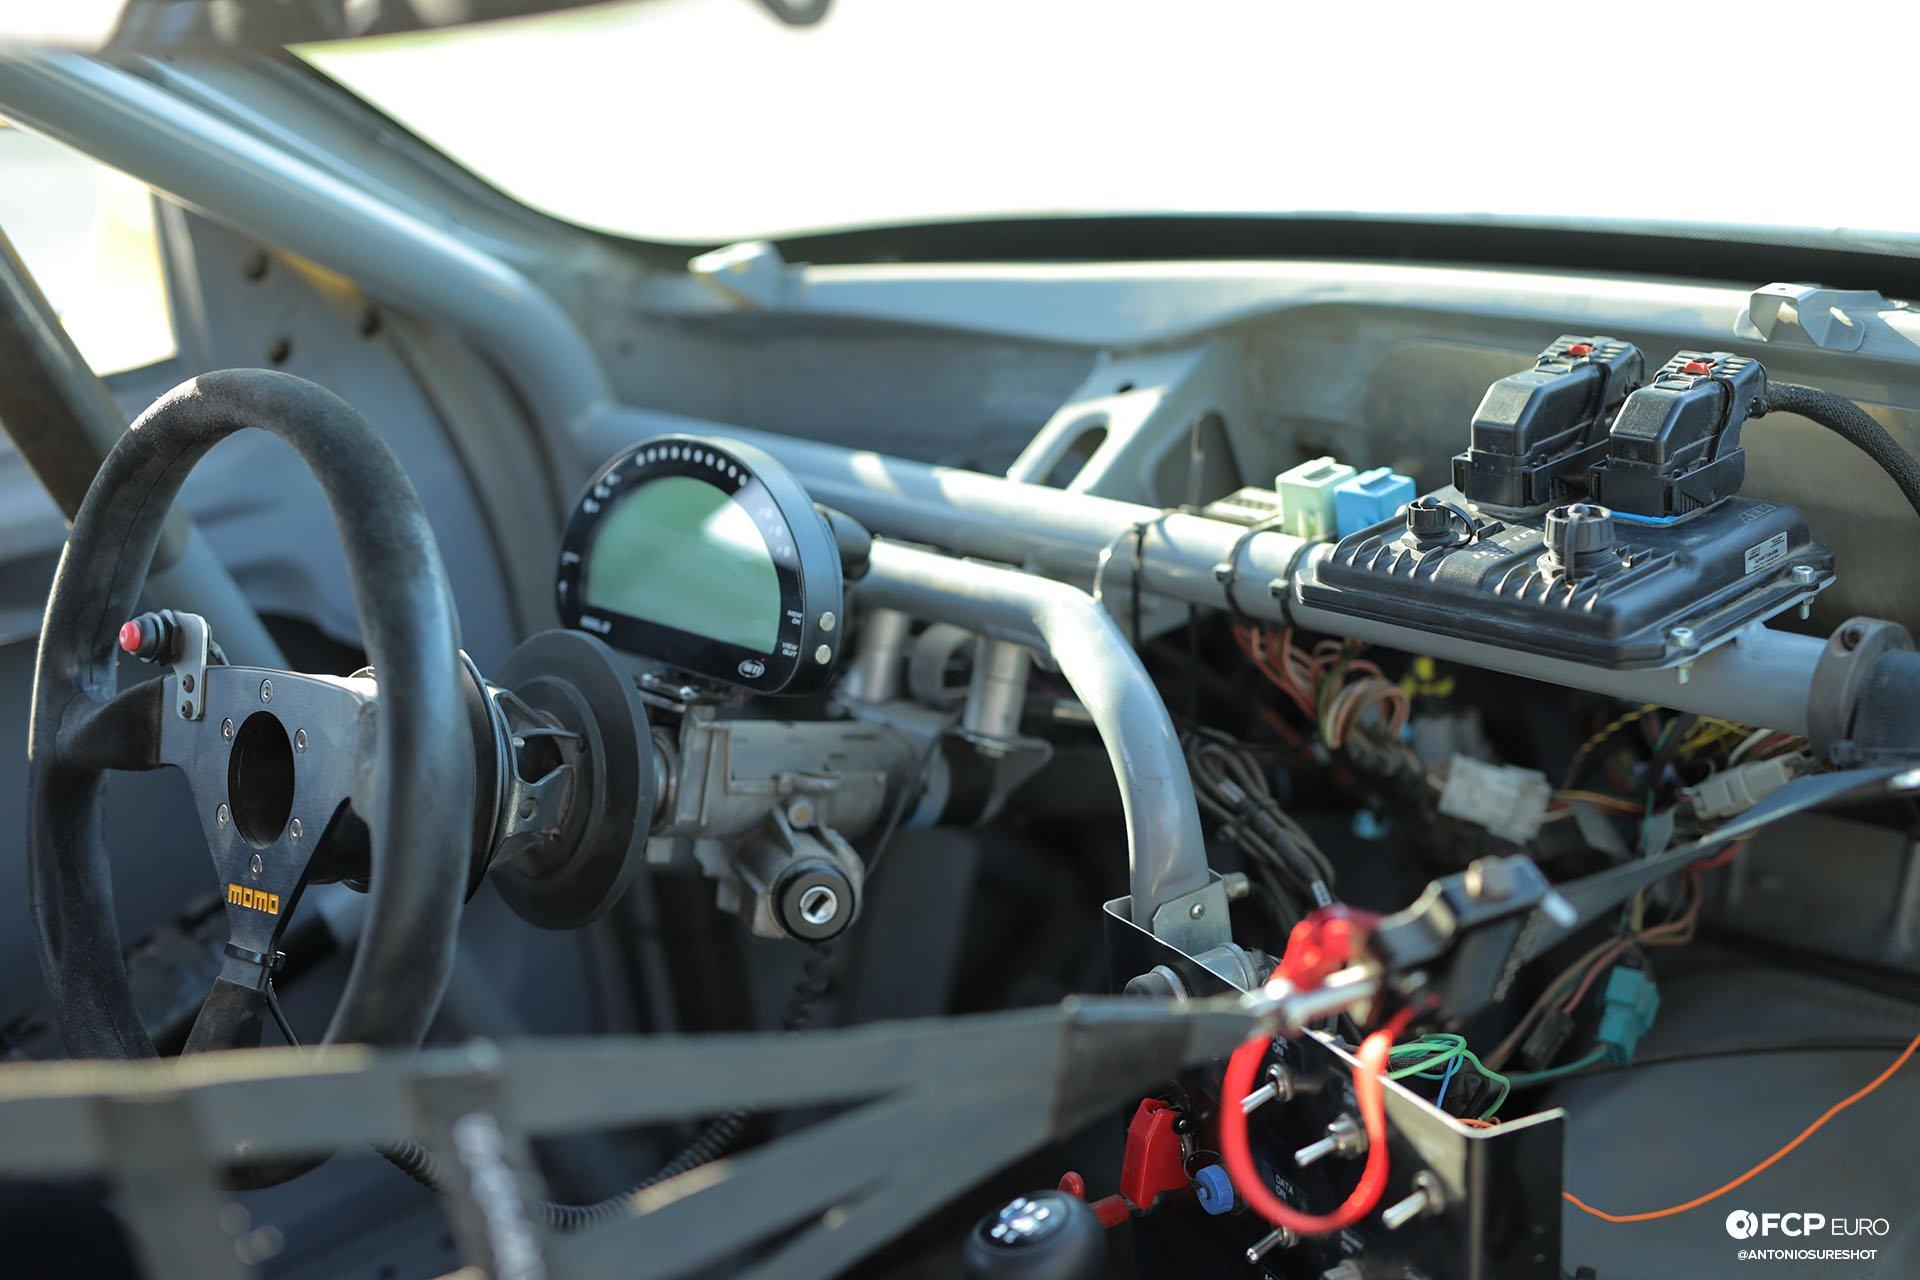 BMW E36 M3 S54 Swapped NASA ST4 Super Touring AEM Infinity ECU